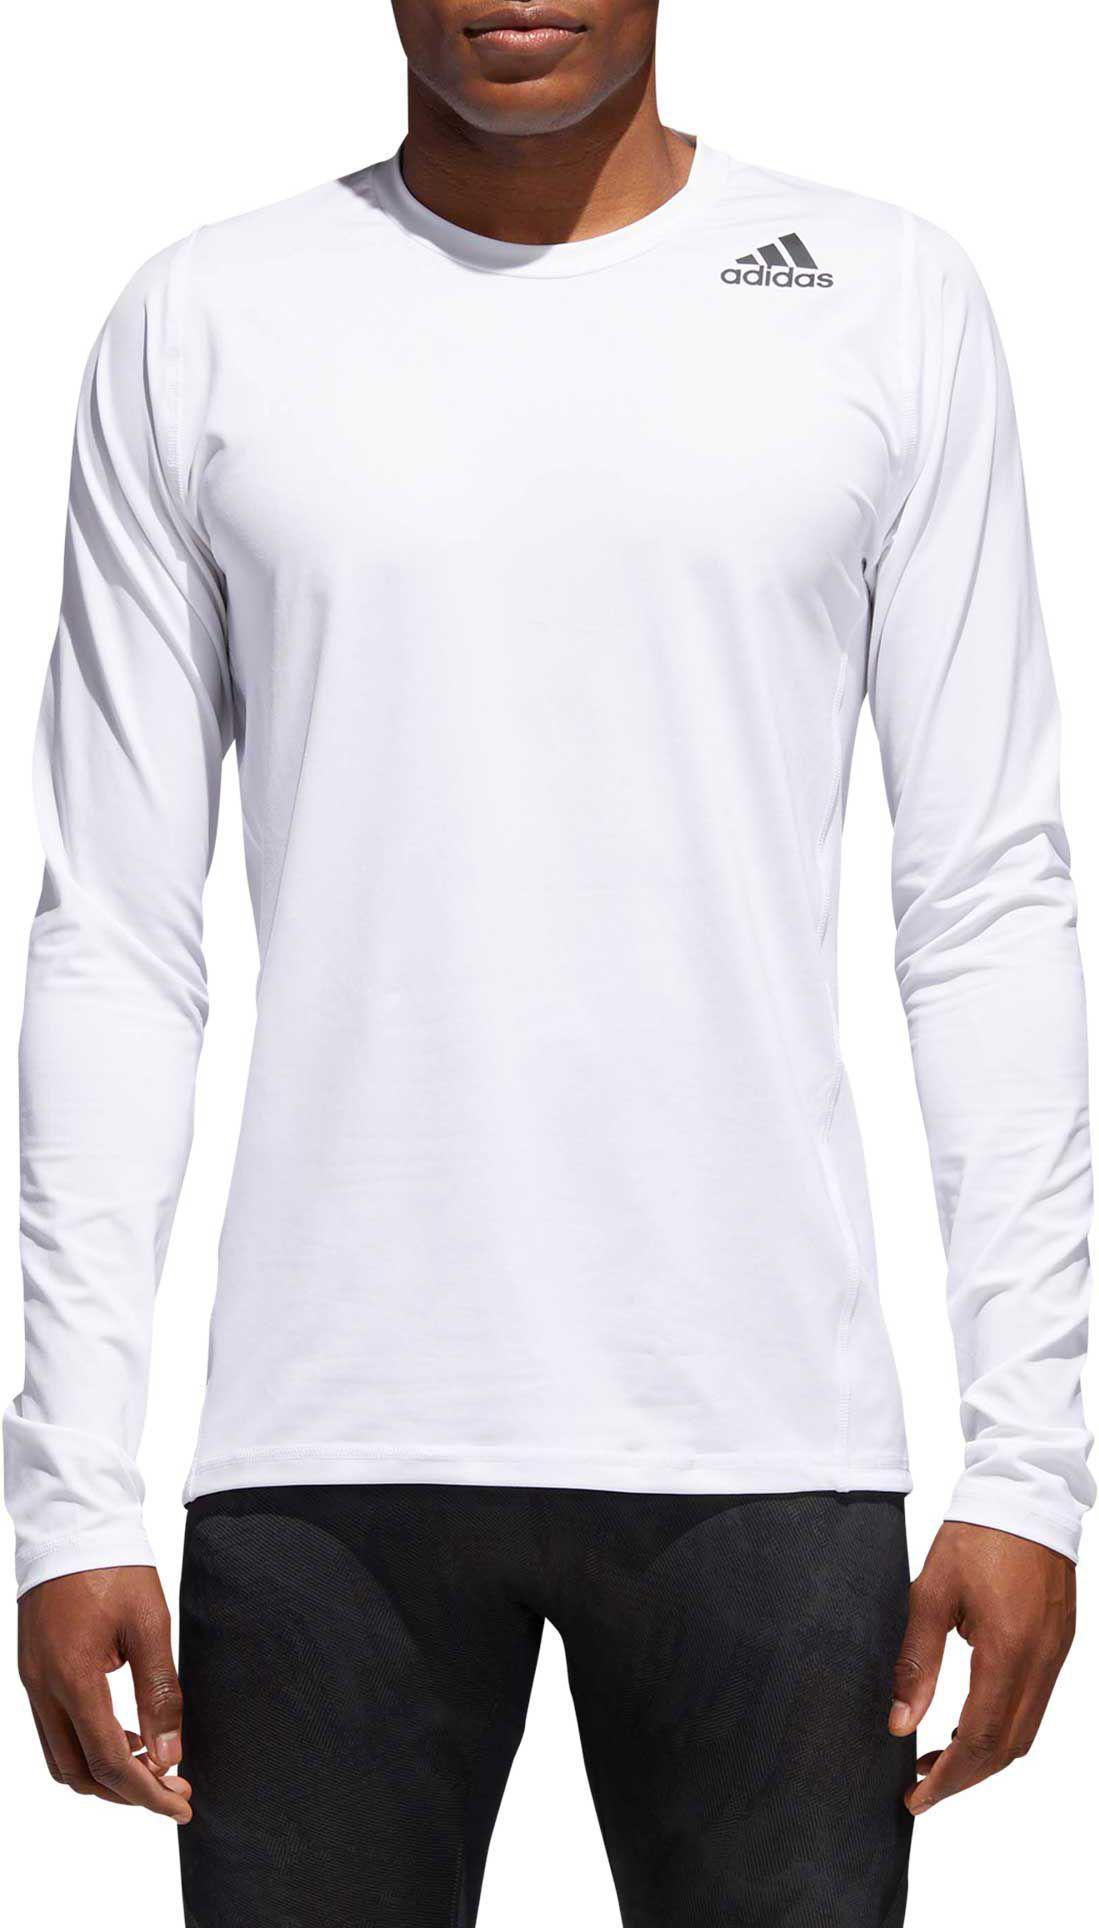 0109ed46005e5 Adidas - White Alphaskin Sport Fitted Long Sleeve Training T-shirt for Men  - Lyst. View fullscreen